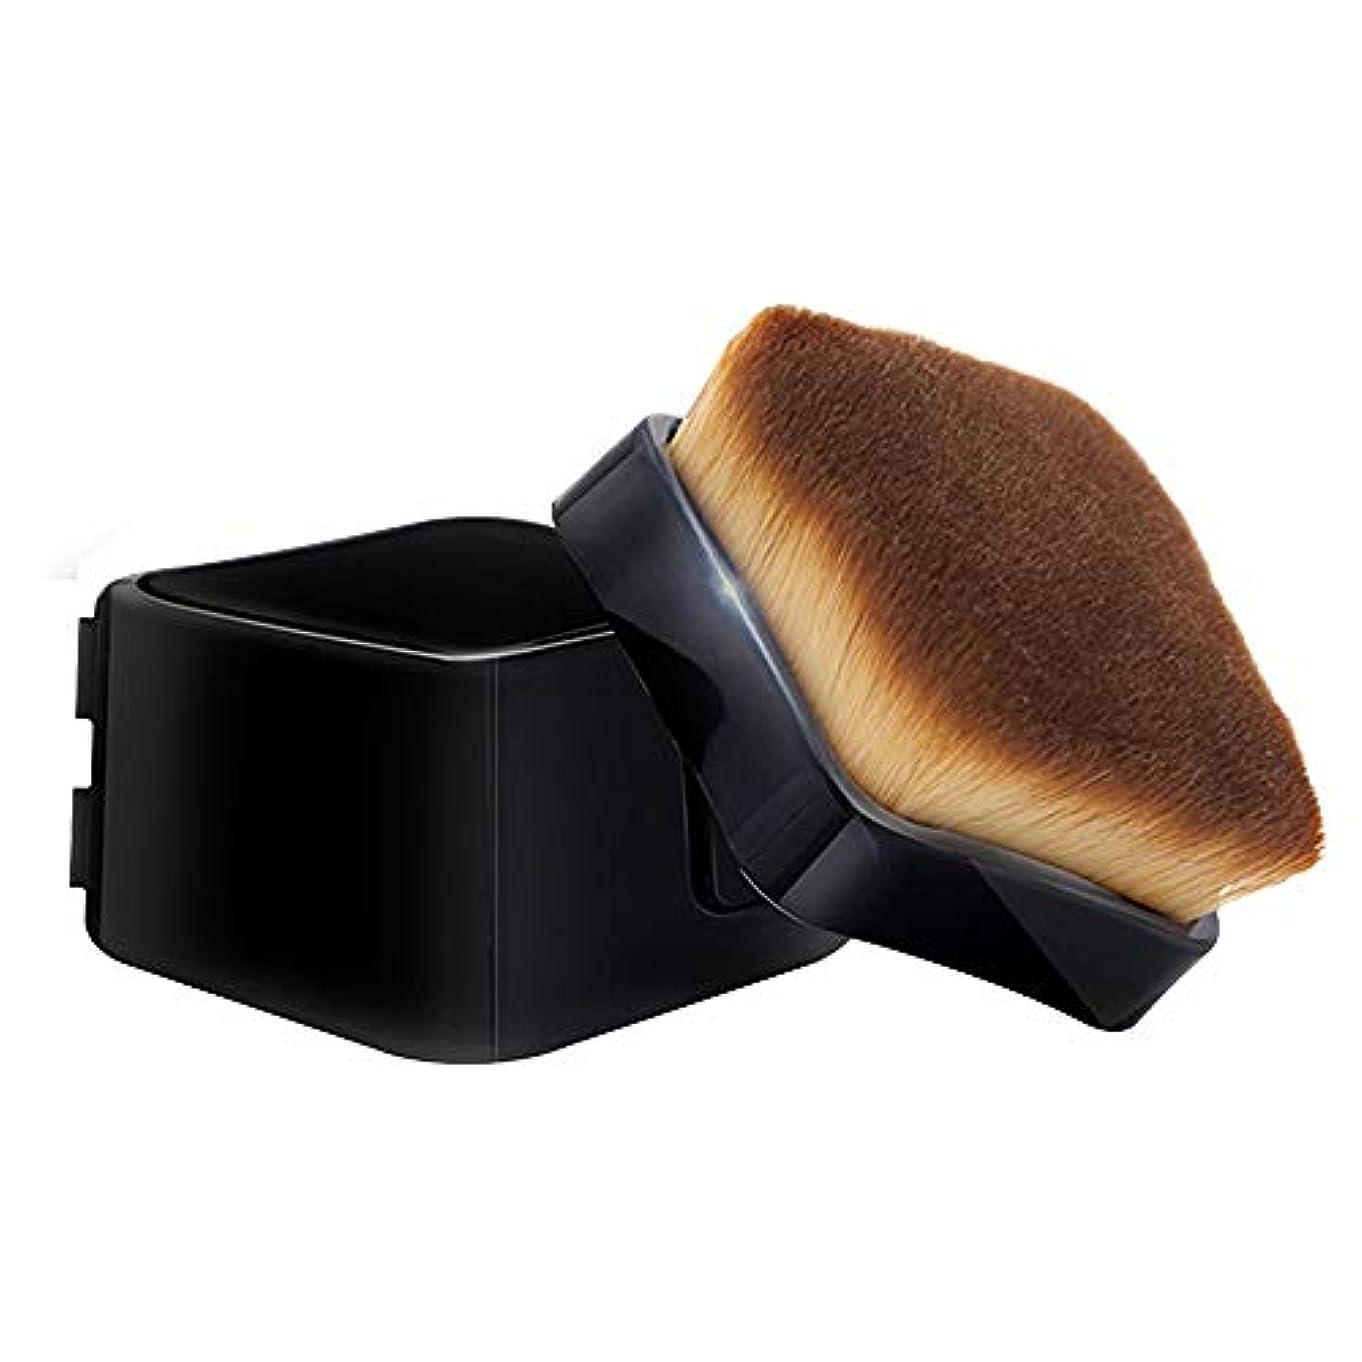 異常なはしごスペースEsubara メイクブラシ ファンデーションブラシ 化粧筆 フェイスブラシ 柔らかい毛